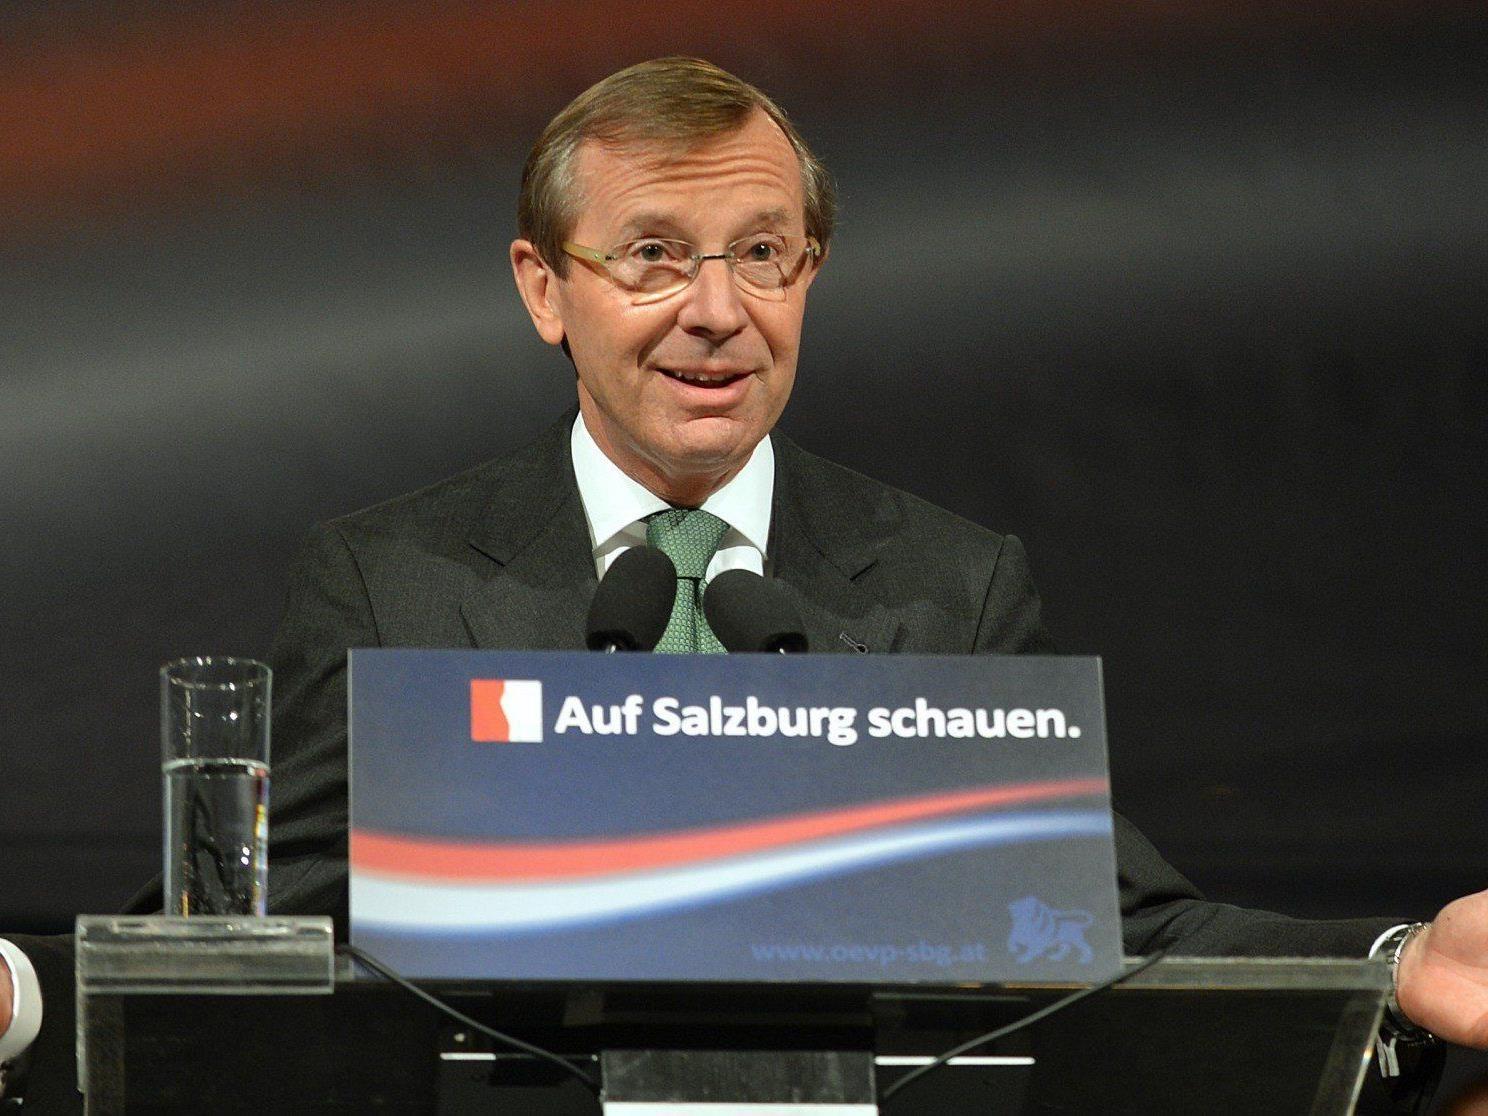 Landtagswahl in Salzburg: Wilfried Haslauer will bis Ende Mai eine Regierung gebildet haben.